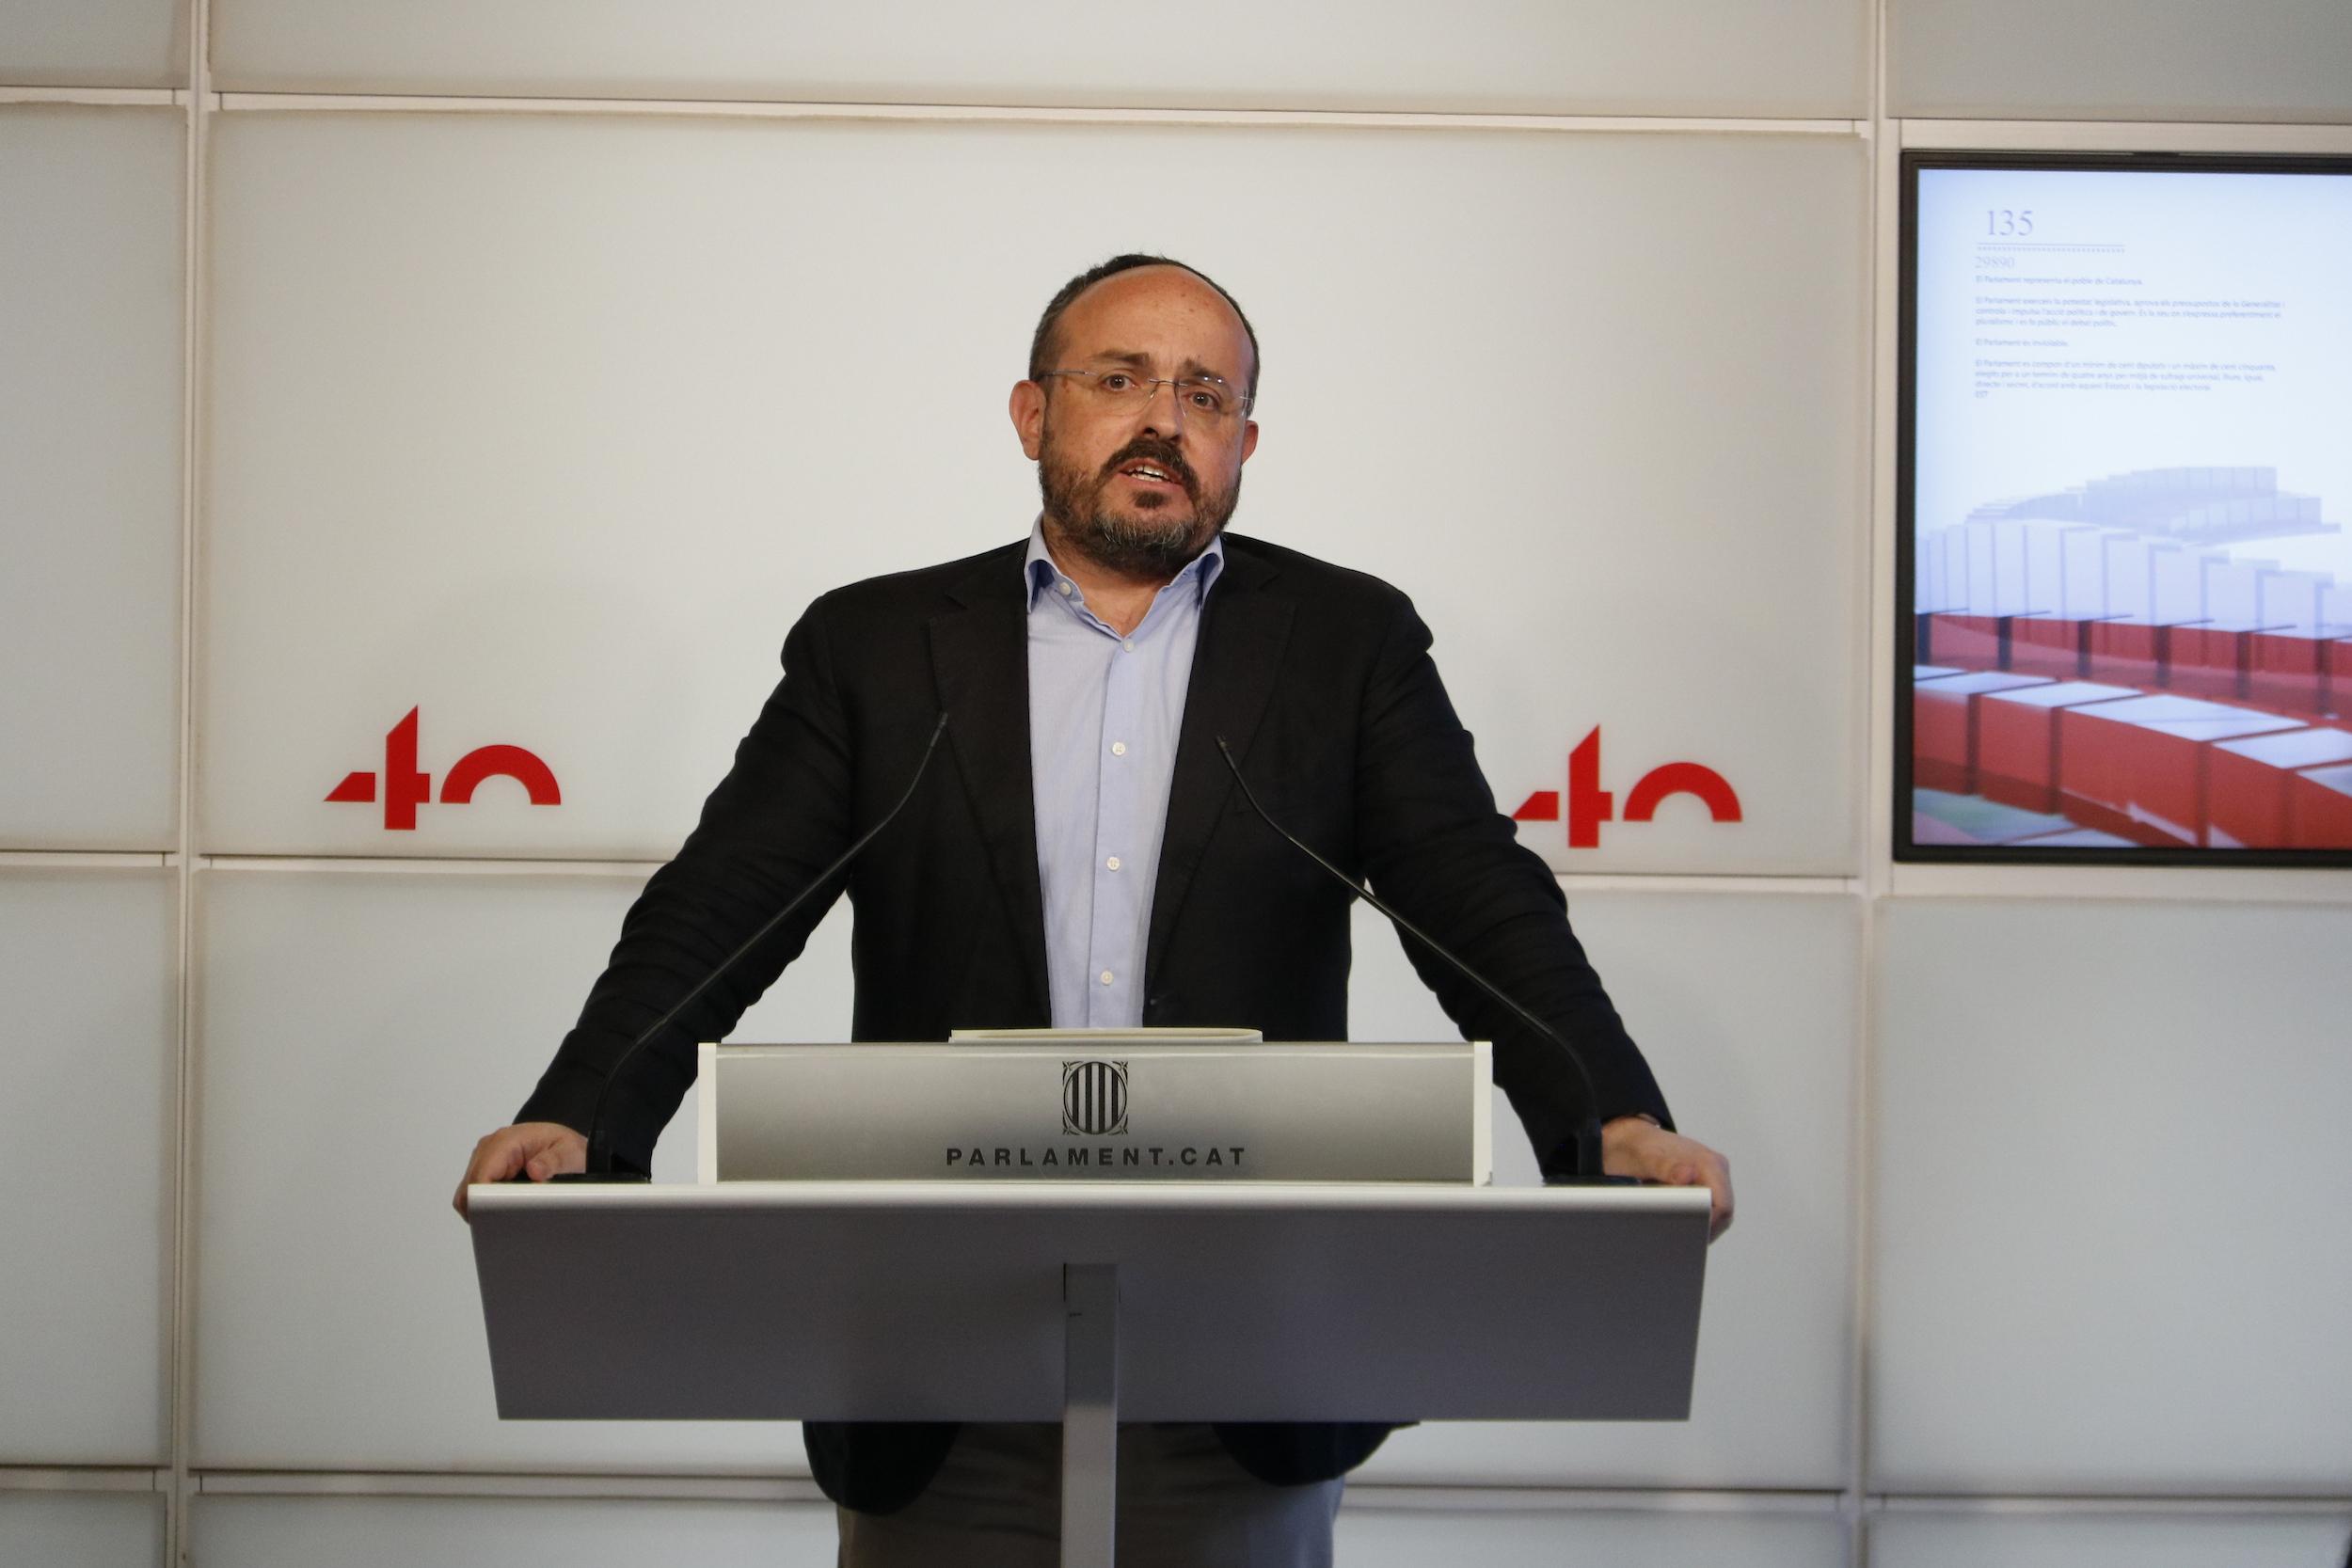 Pla mitjà d'Alejandro Fernández (PPC) al faristol de la sala de premsa del Parlament el 20 d'abril del 2021. Horitzontal.